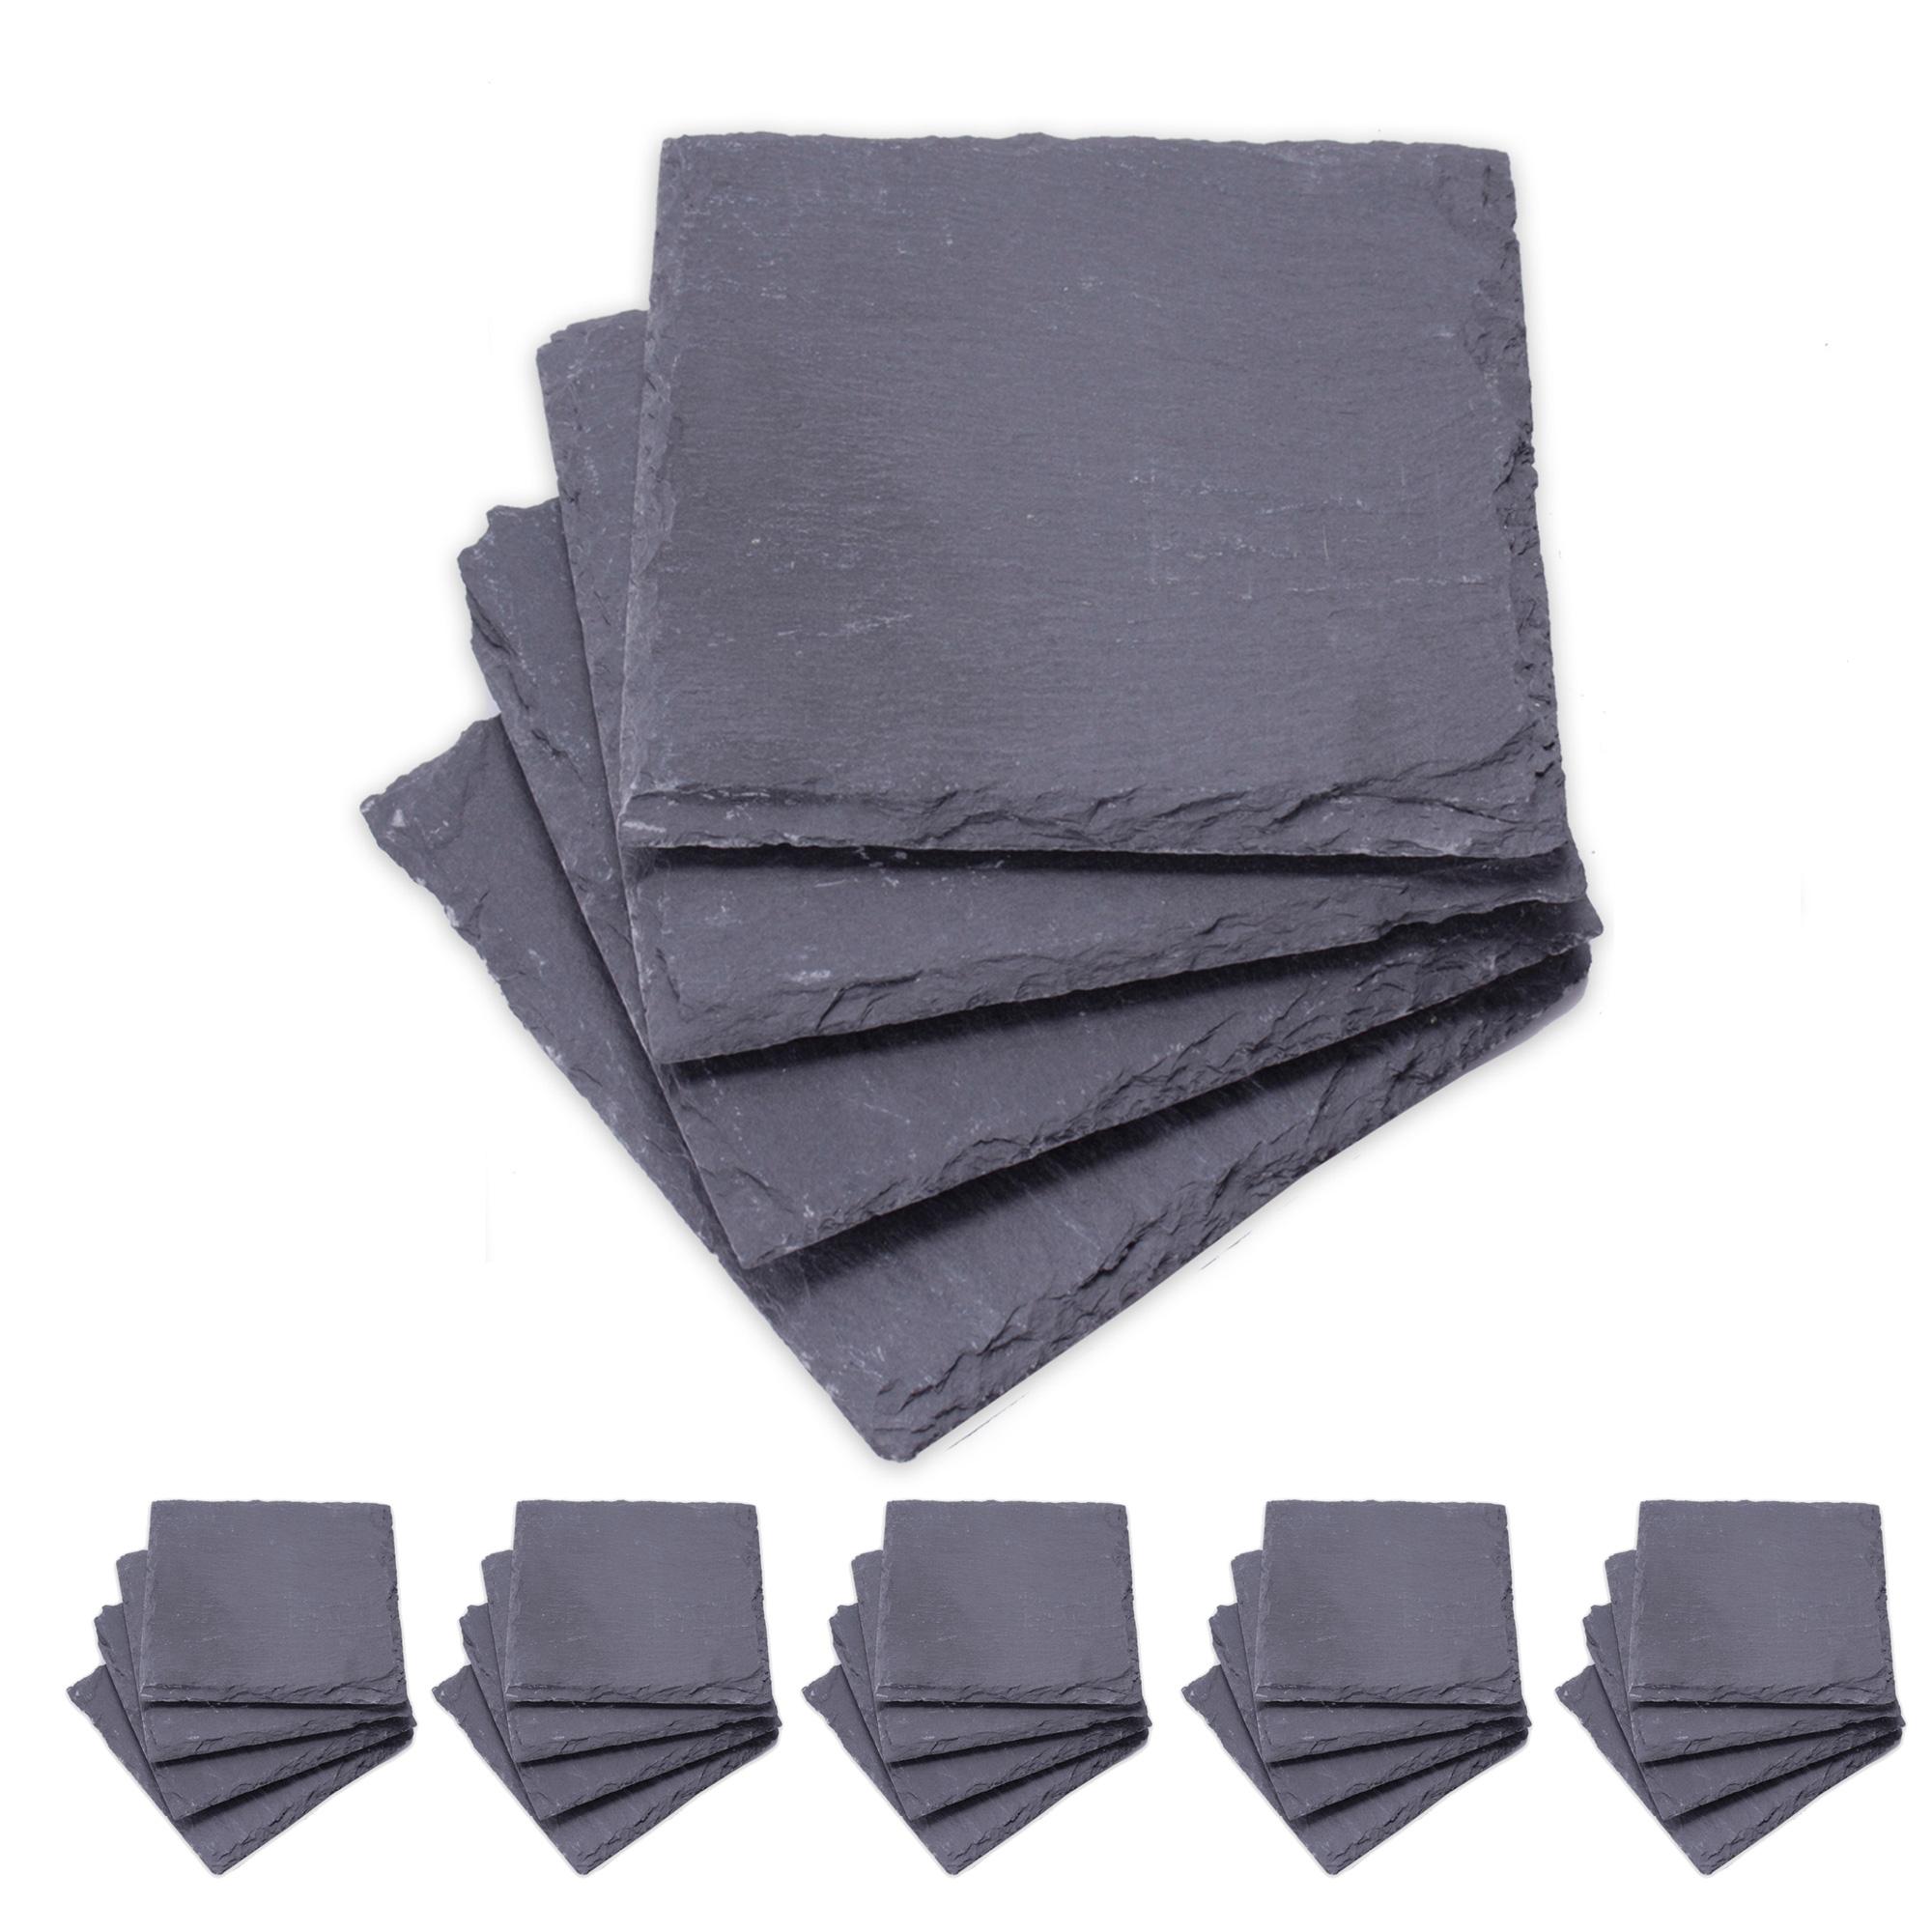 Untersetzer-aus-echtem-Schiefer-Tischset-Platzset-Unterlage-Steingut-10-x10-cm